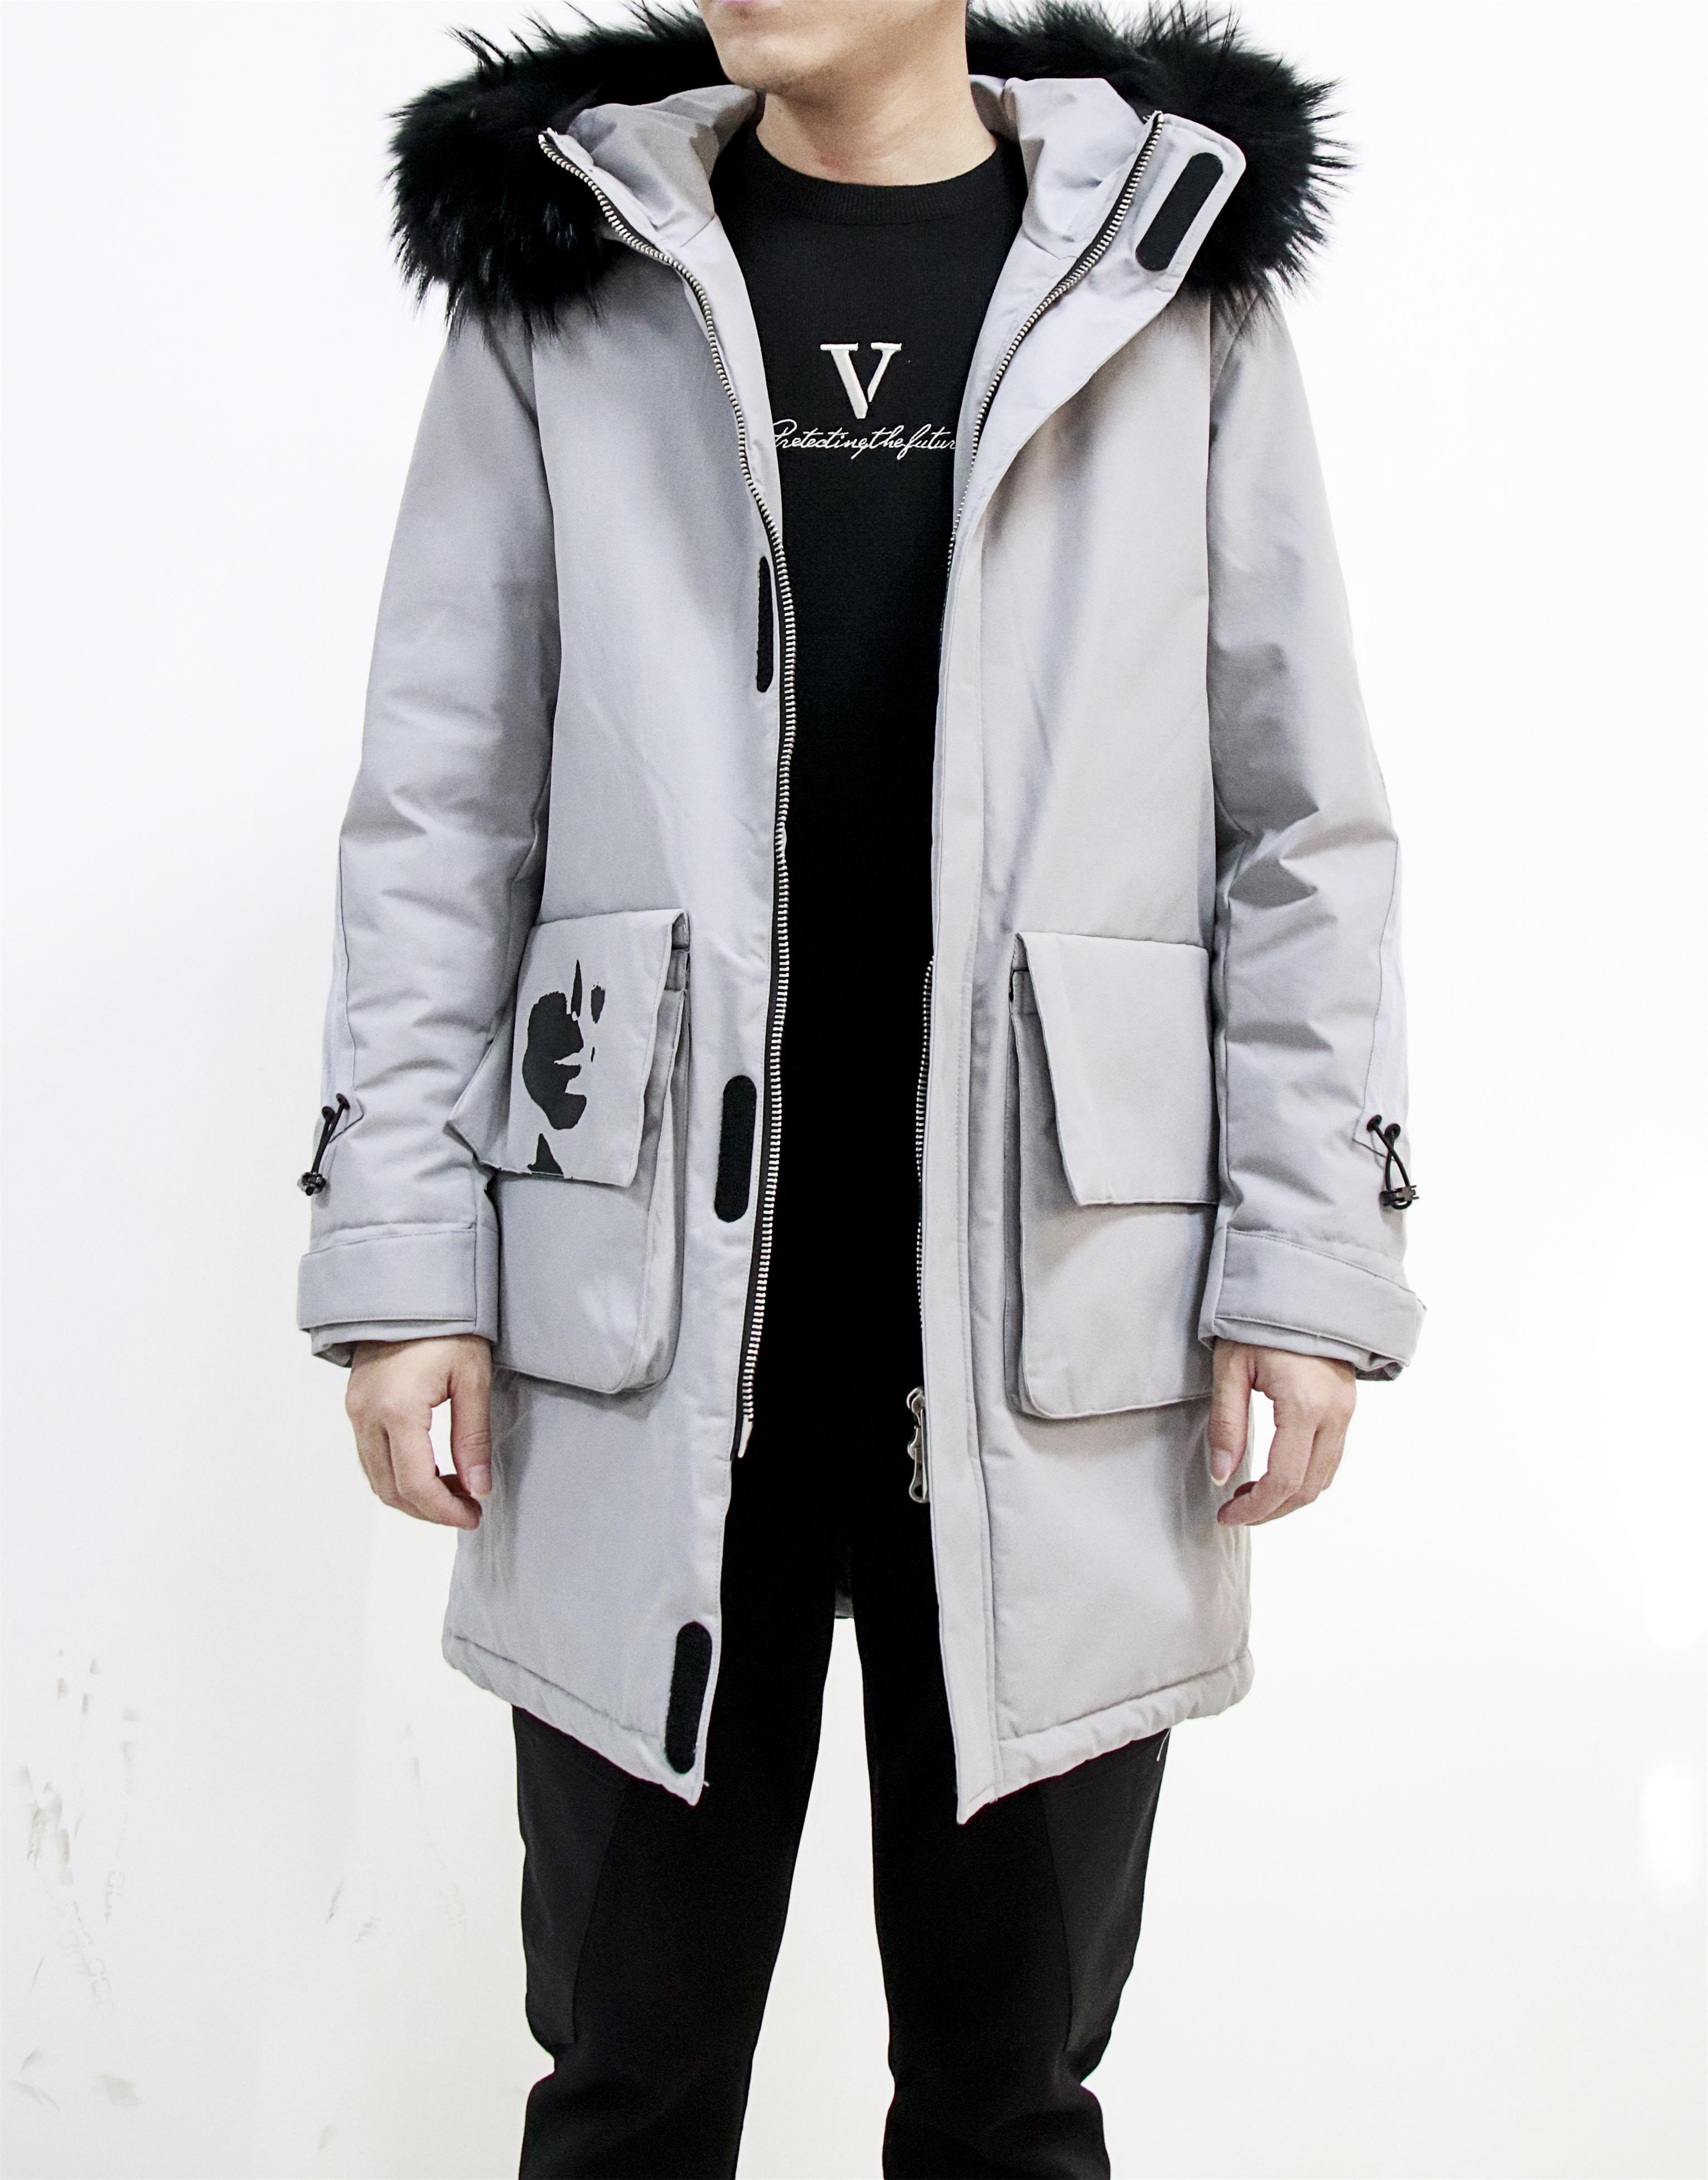 新款棉袄冬季修身中长款